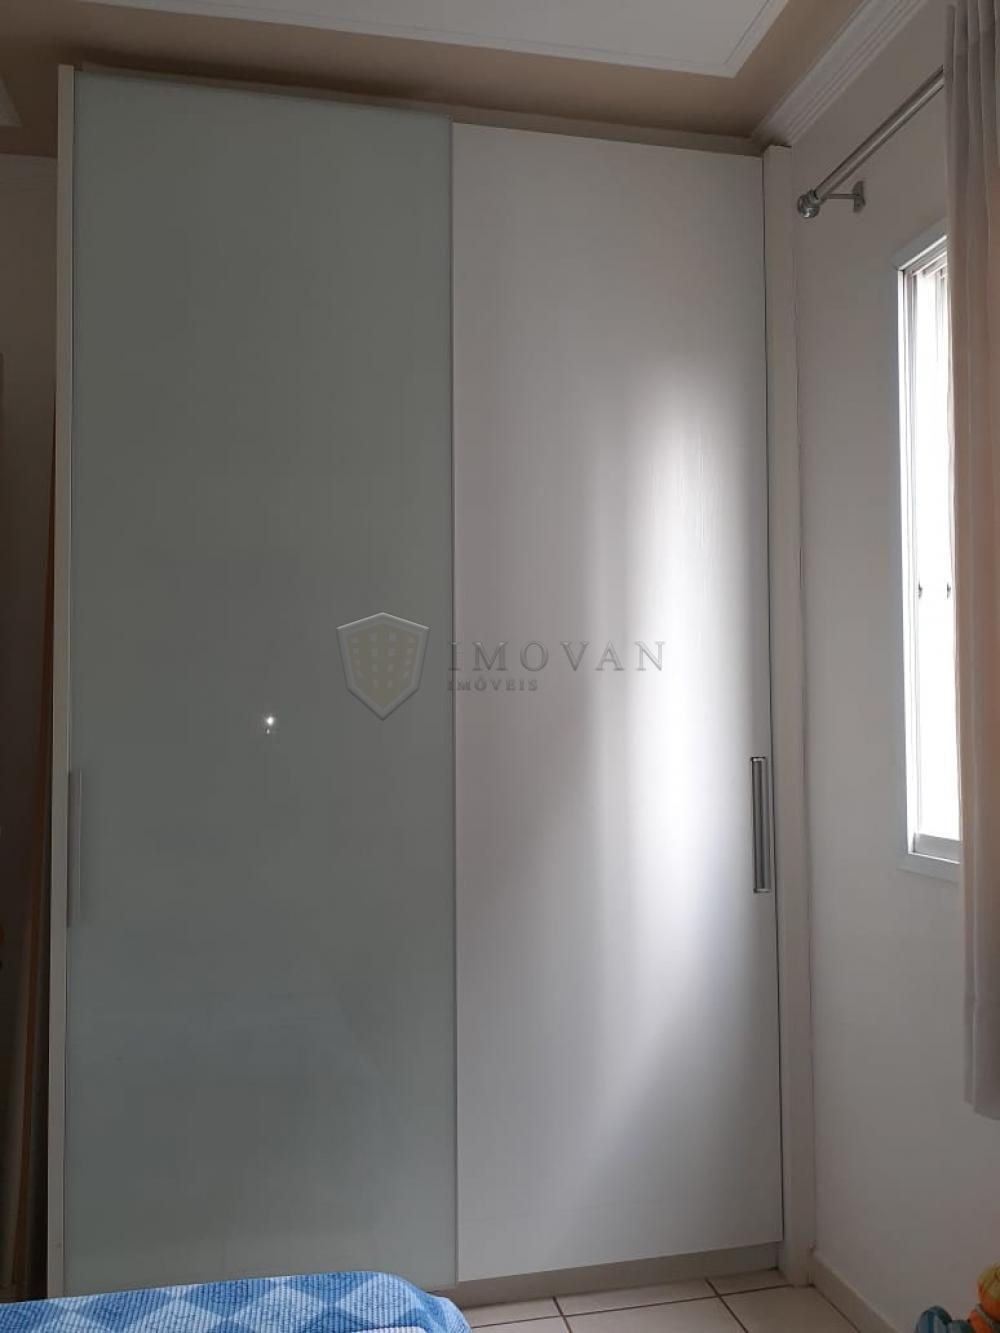 Comprar Apartamento / Padrão em Ribeirão Preto apenas R$ 460.000,00 - Foto 8